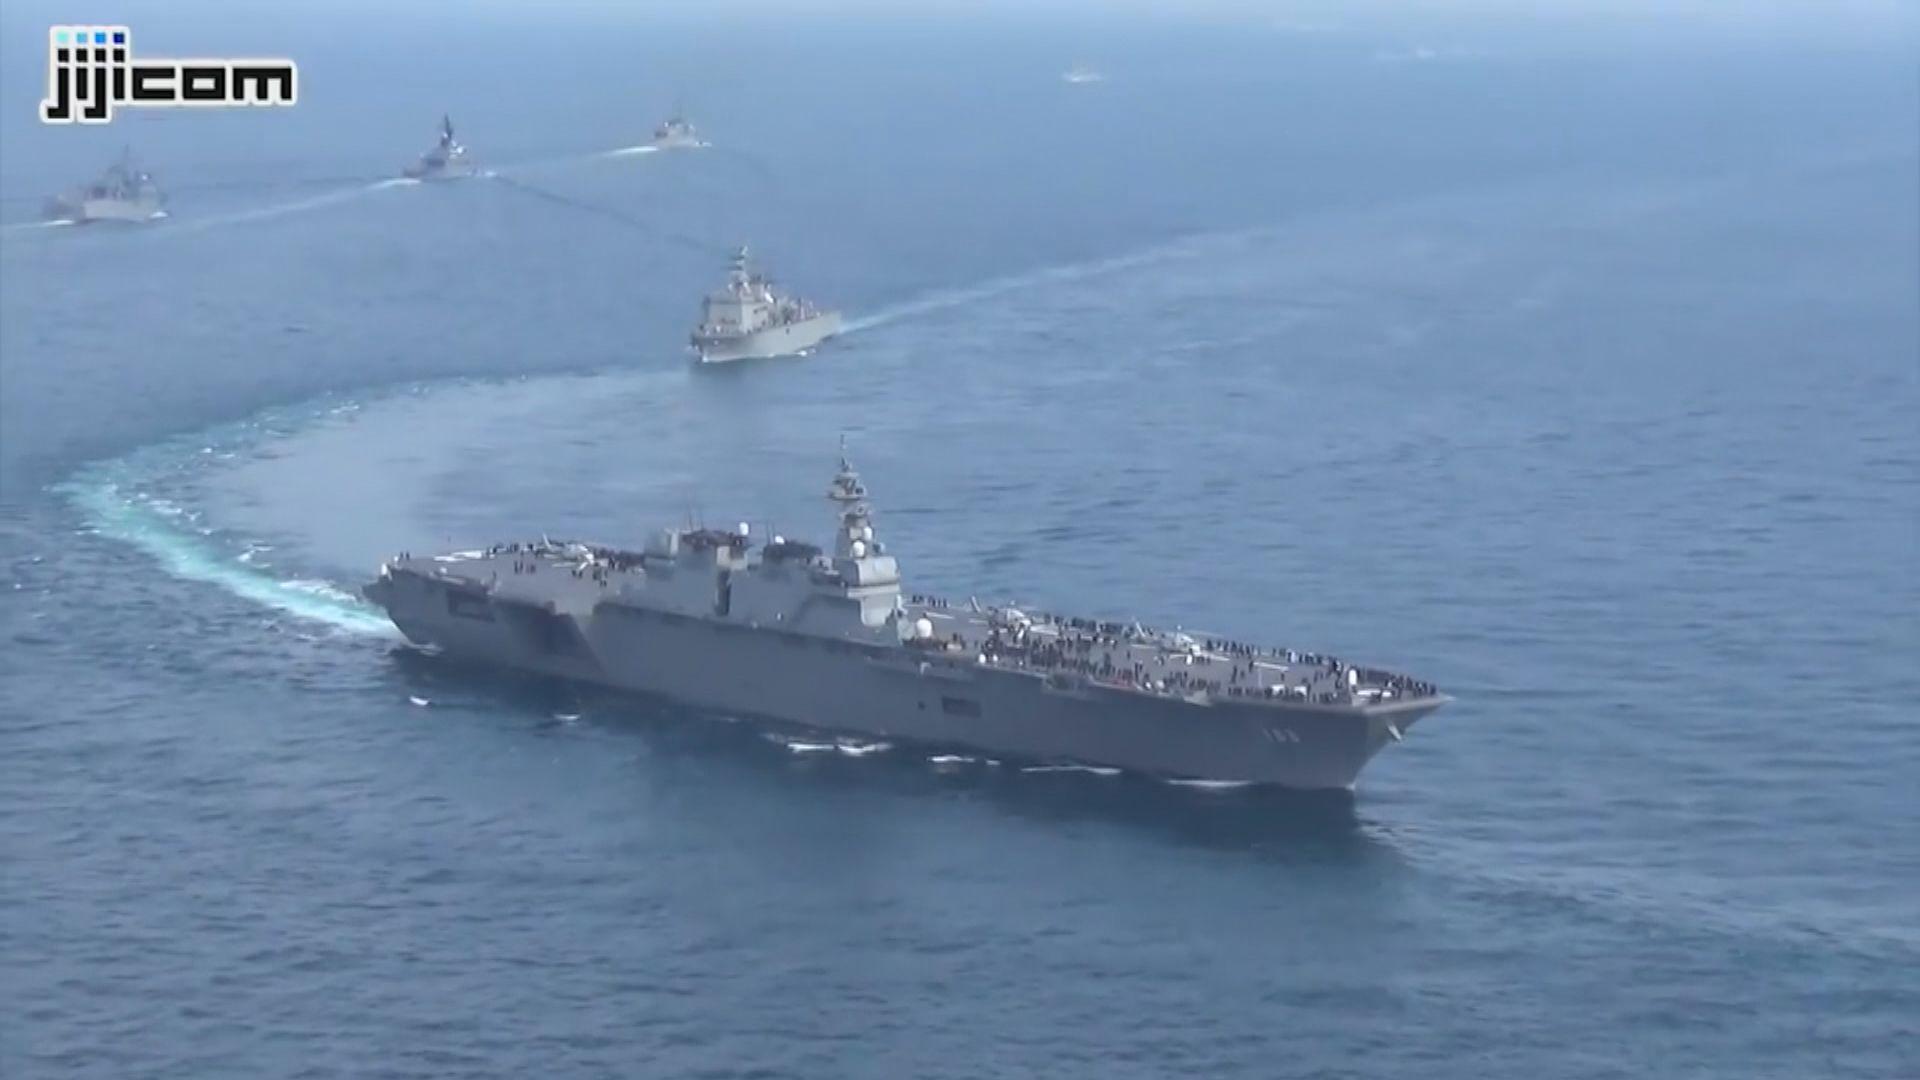 日海上自衛隊到中東獨立進行護航任務 Now 新聞